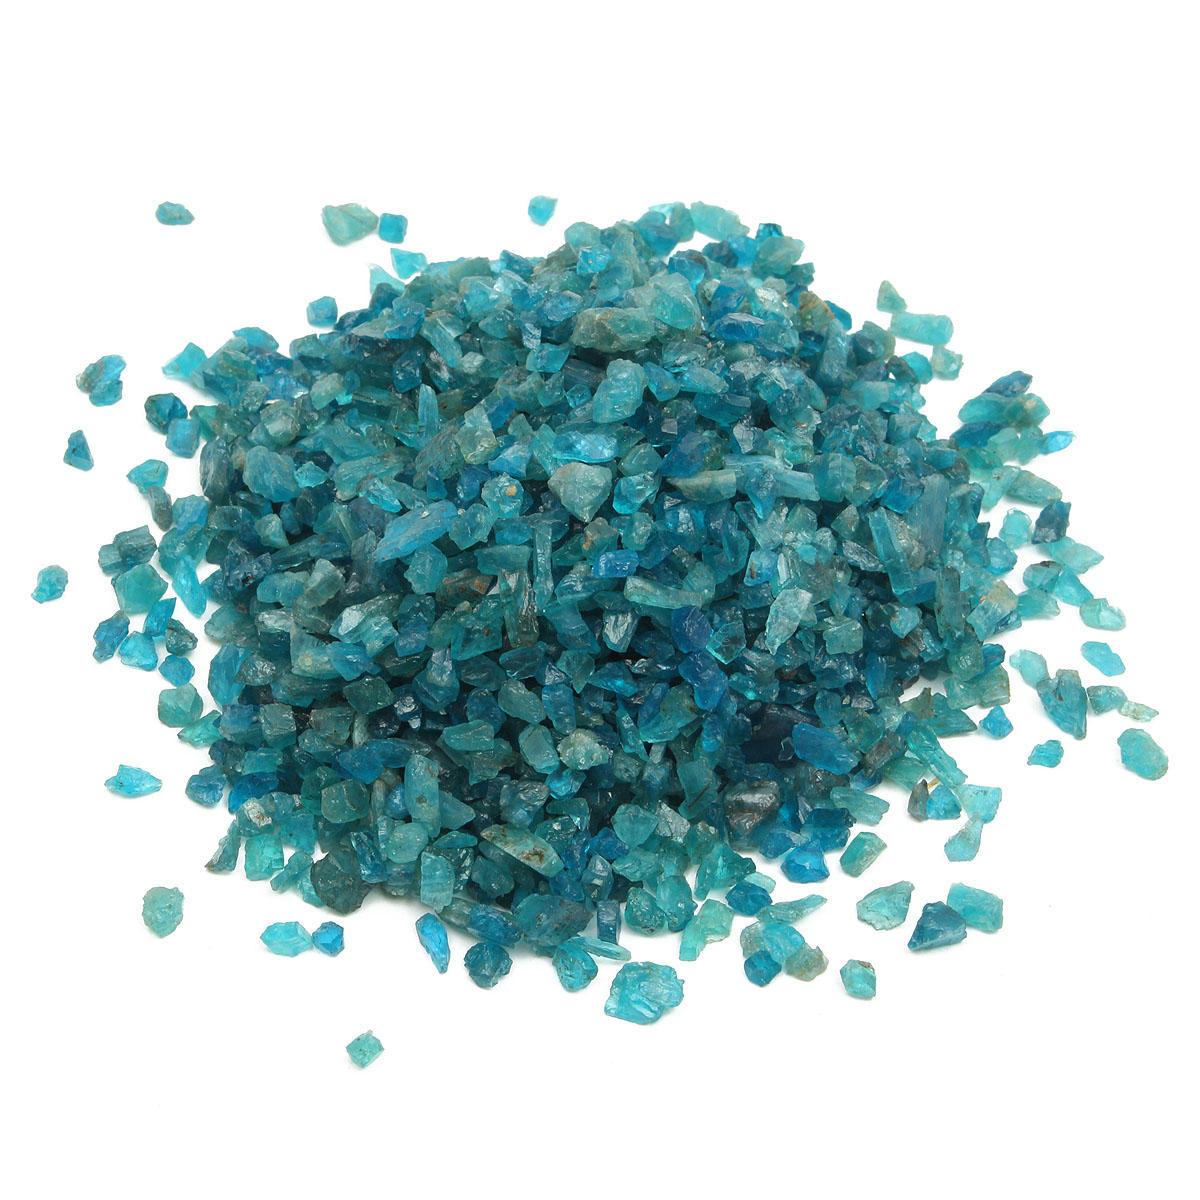 Naturale blu apatite pietra verde grezzi minerali impostazioni fai da te 100g